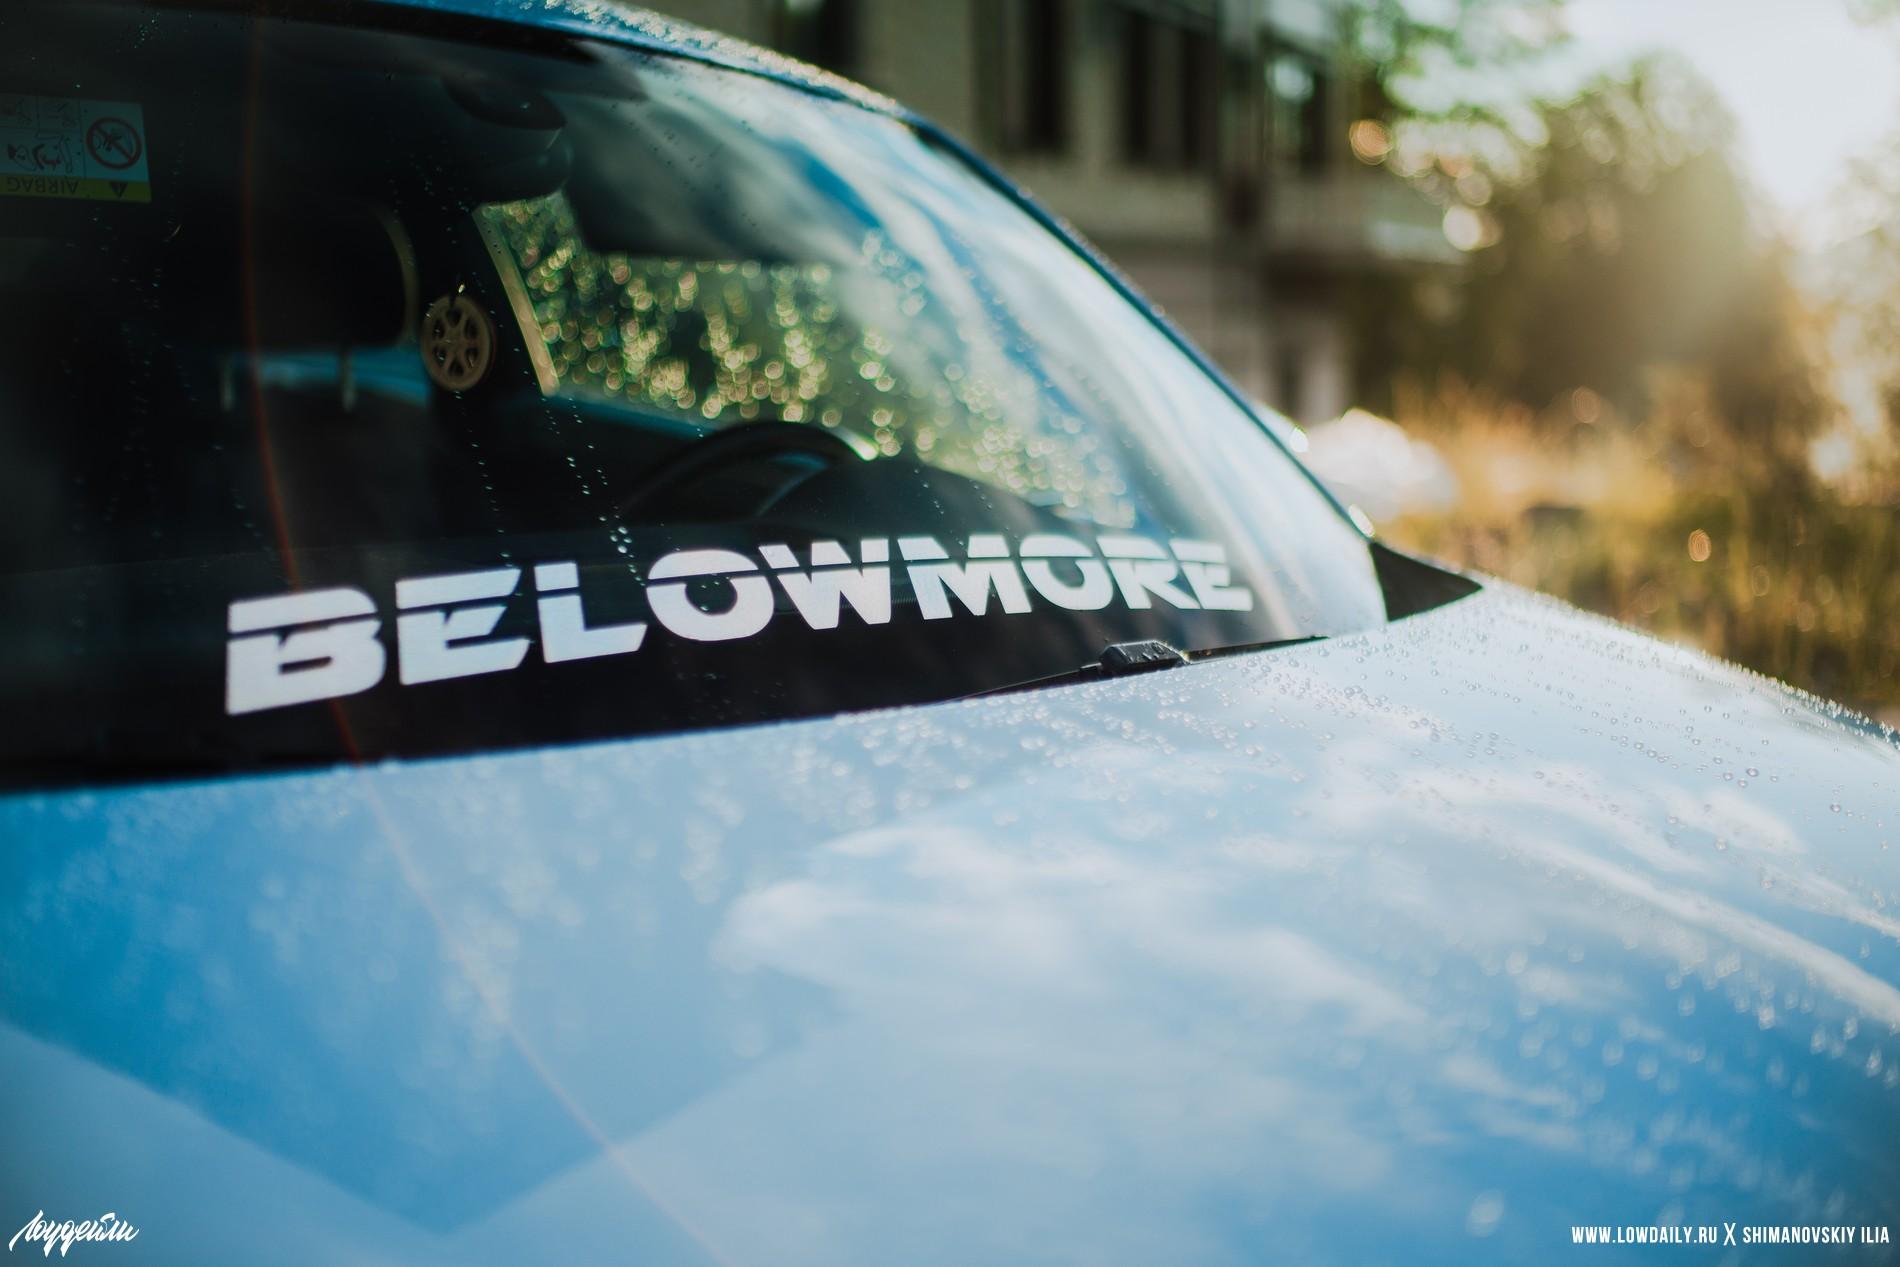 Volkswagen Beetle - BELOWMORE DSC04831